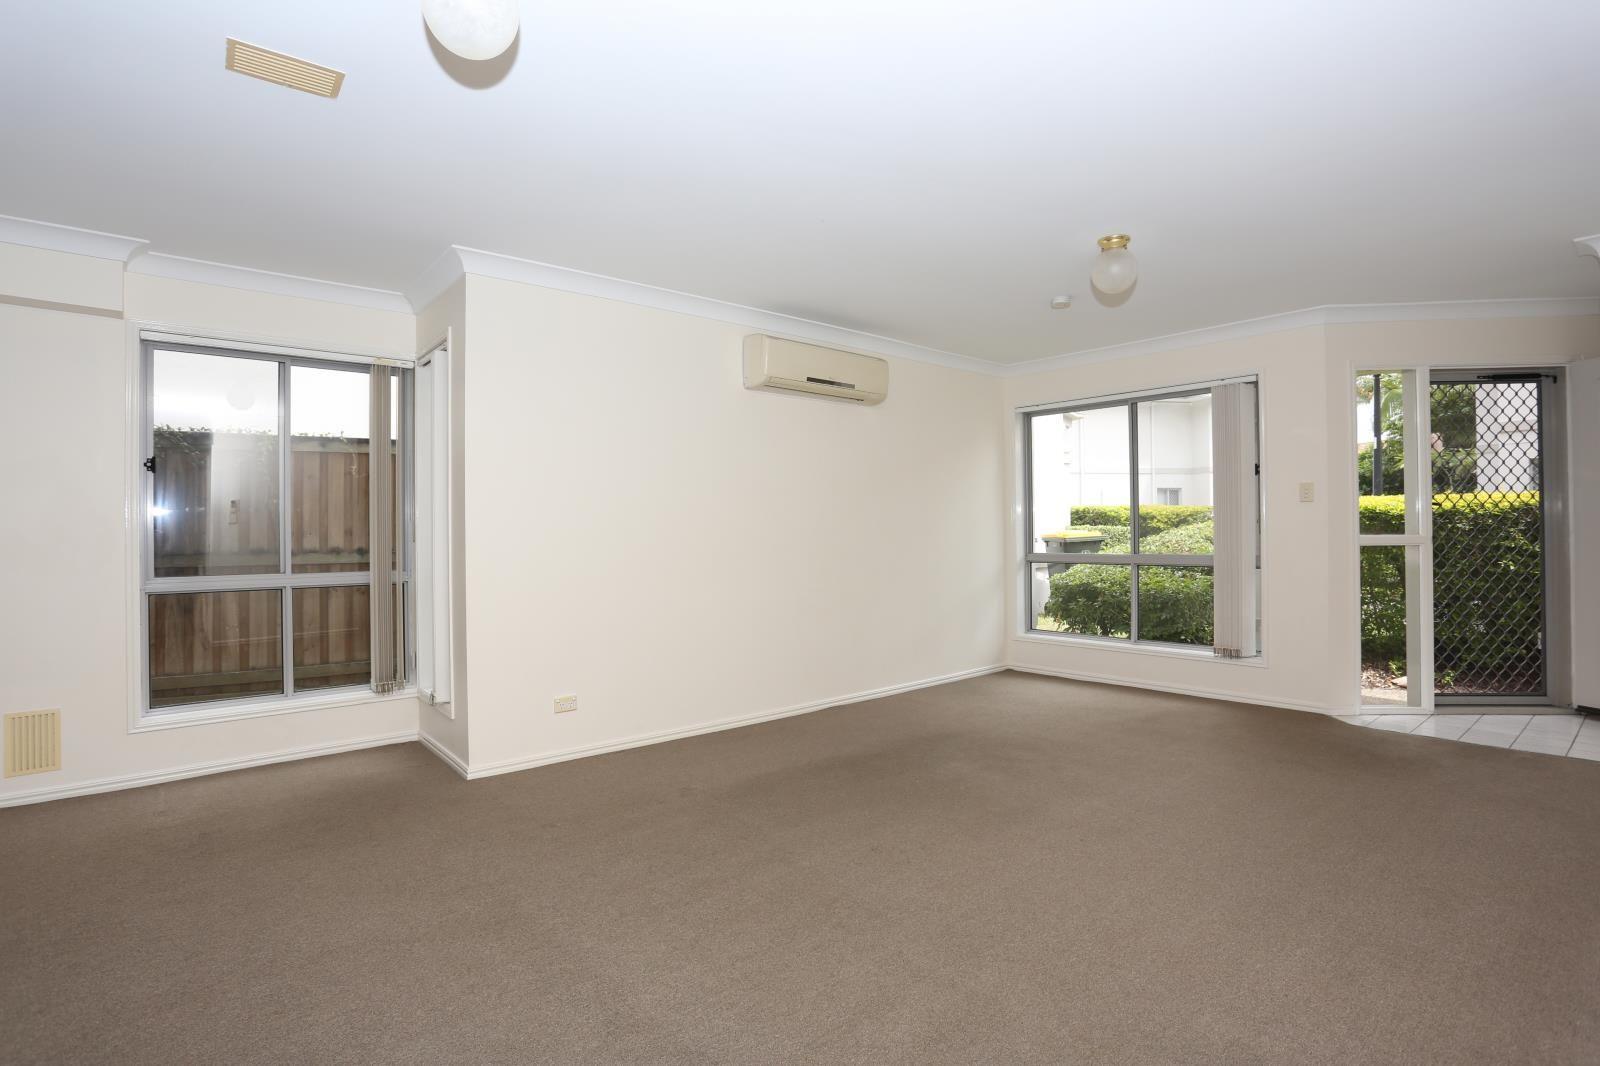 11/11 Glin Avenue, Newmarket QLD 4051, Image 0